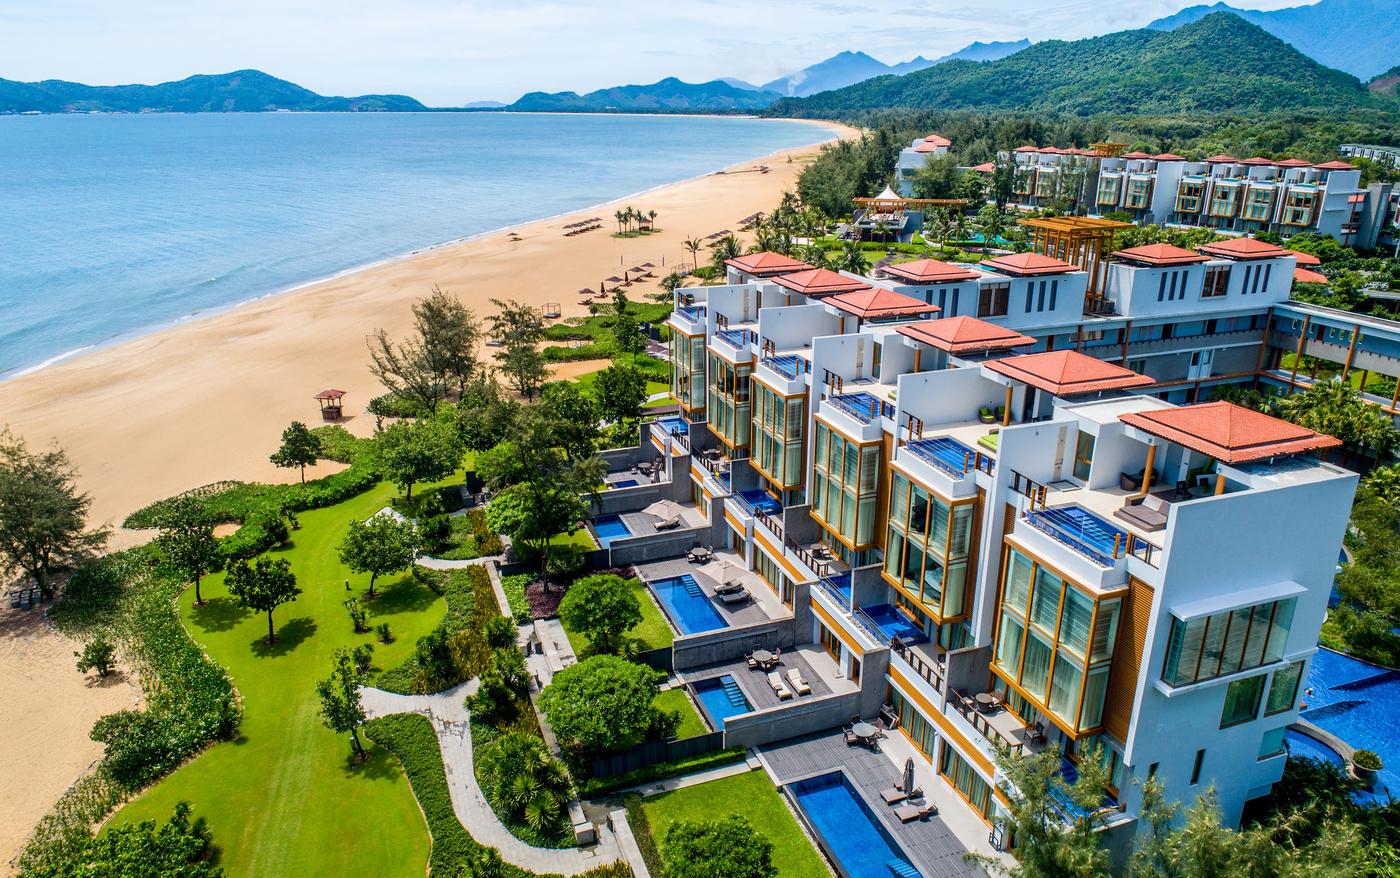 Angsana Lăng Cô hotel